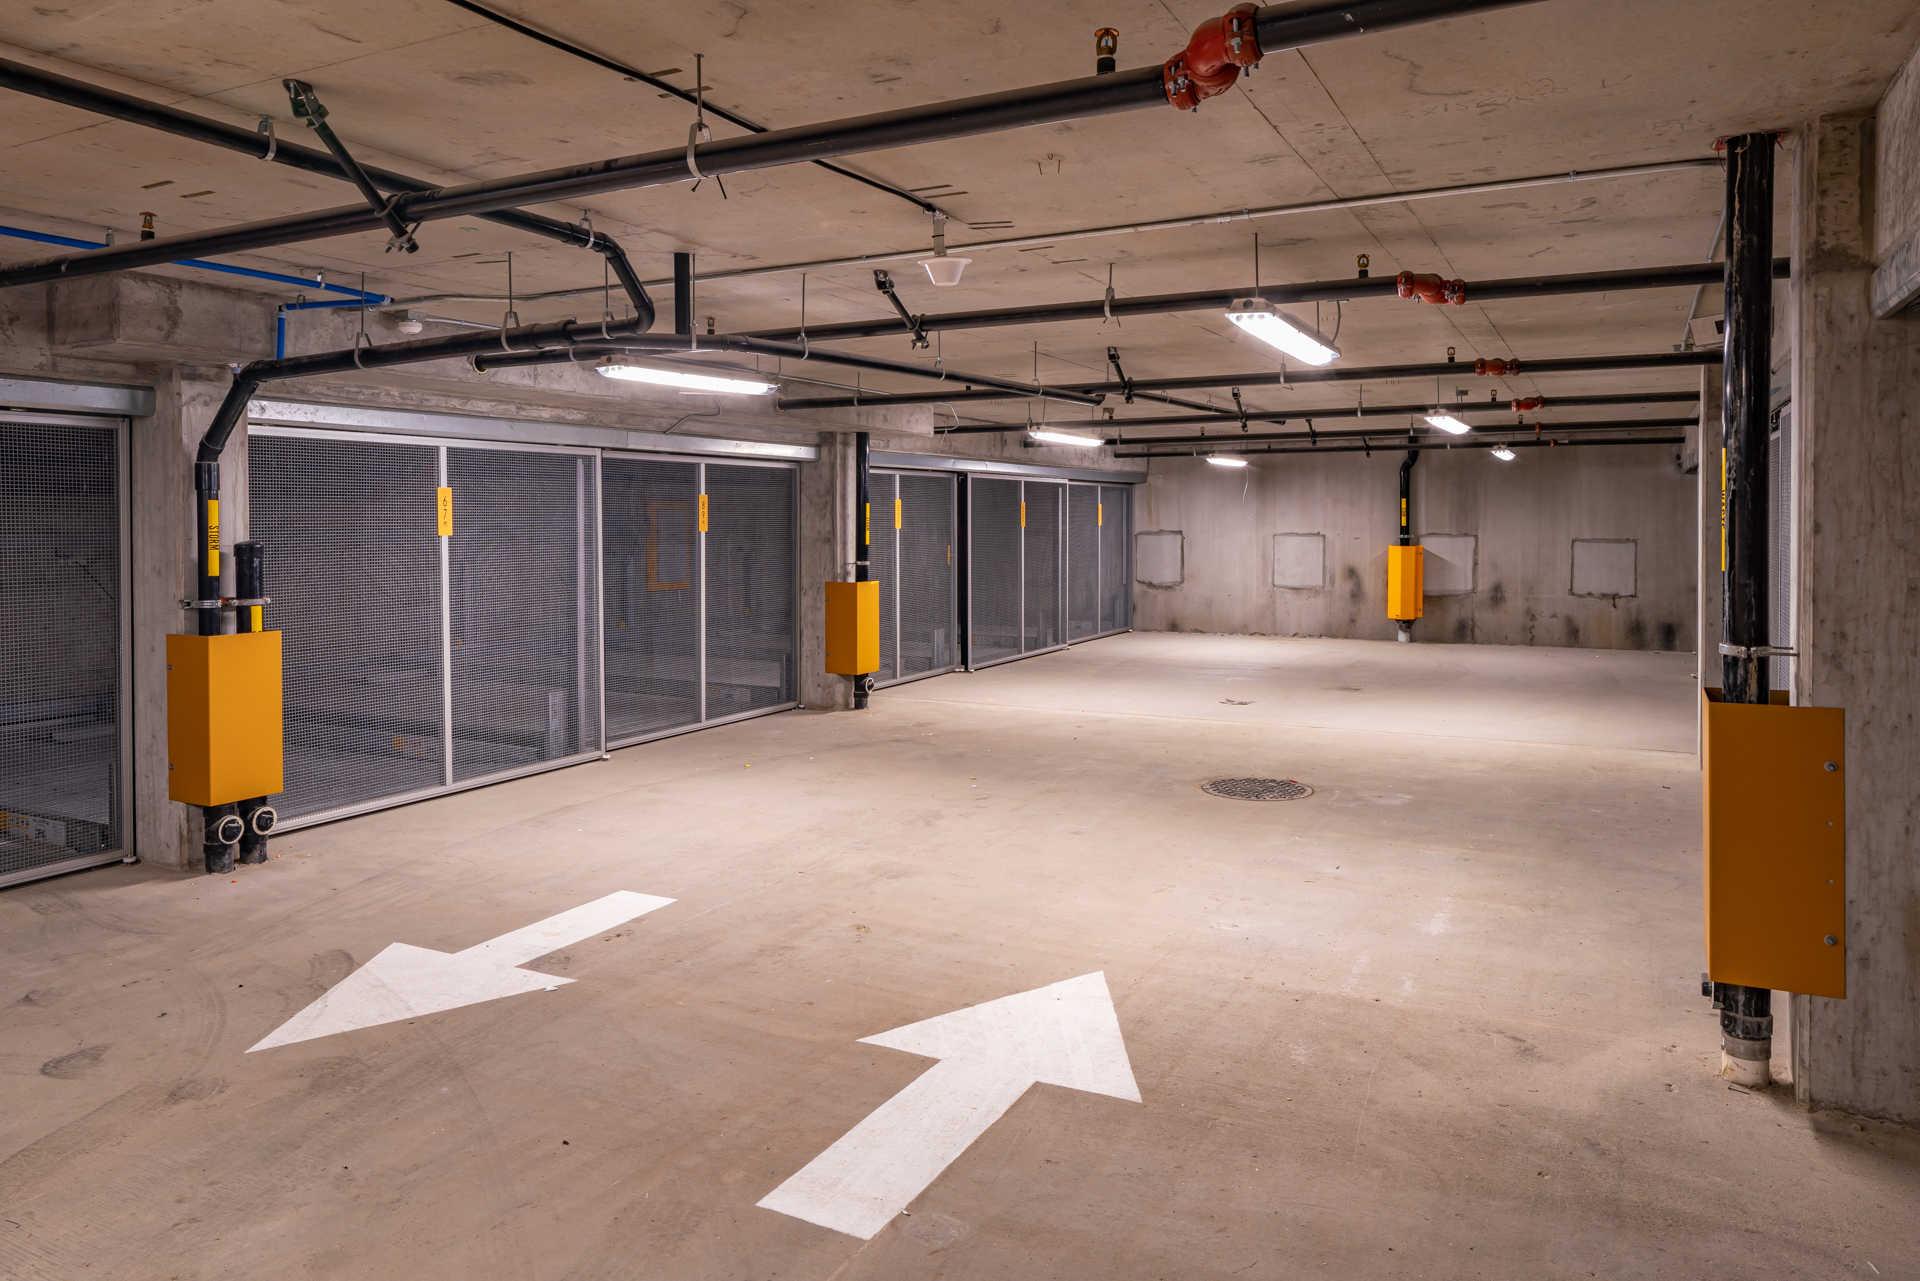 Car parking garage at Ivy Interbay apartments